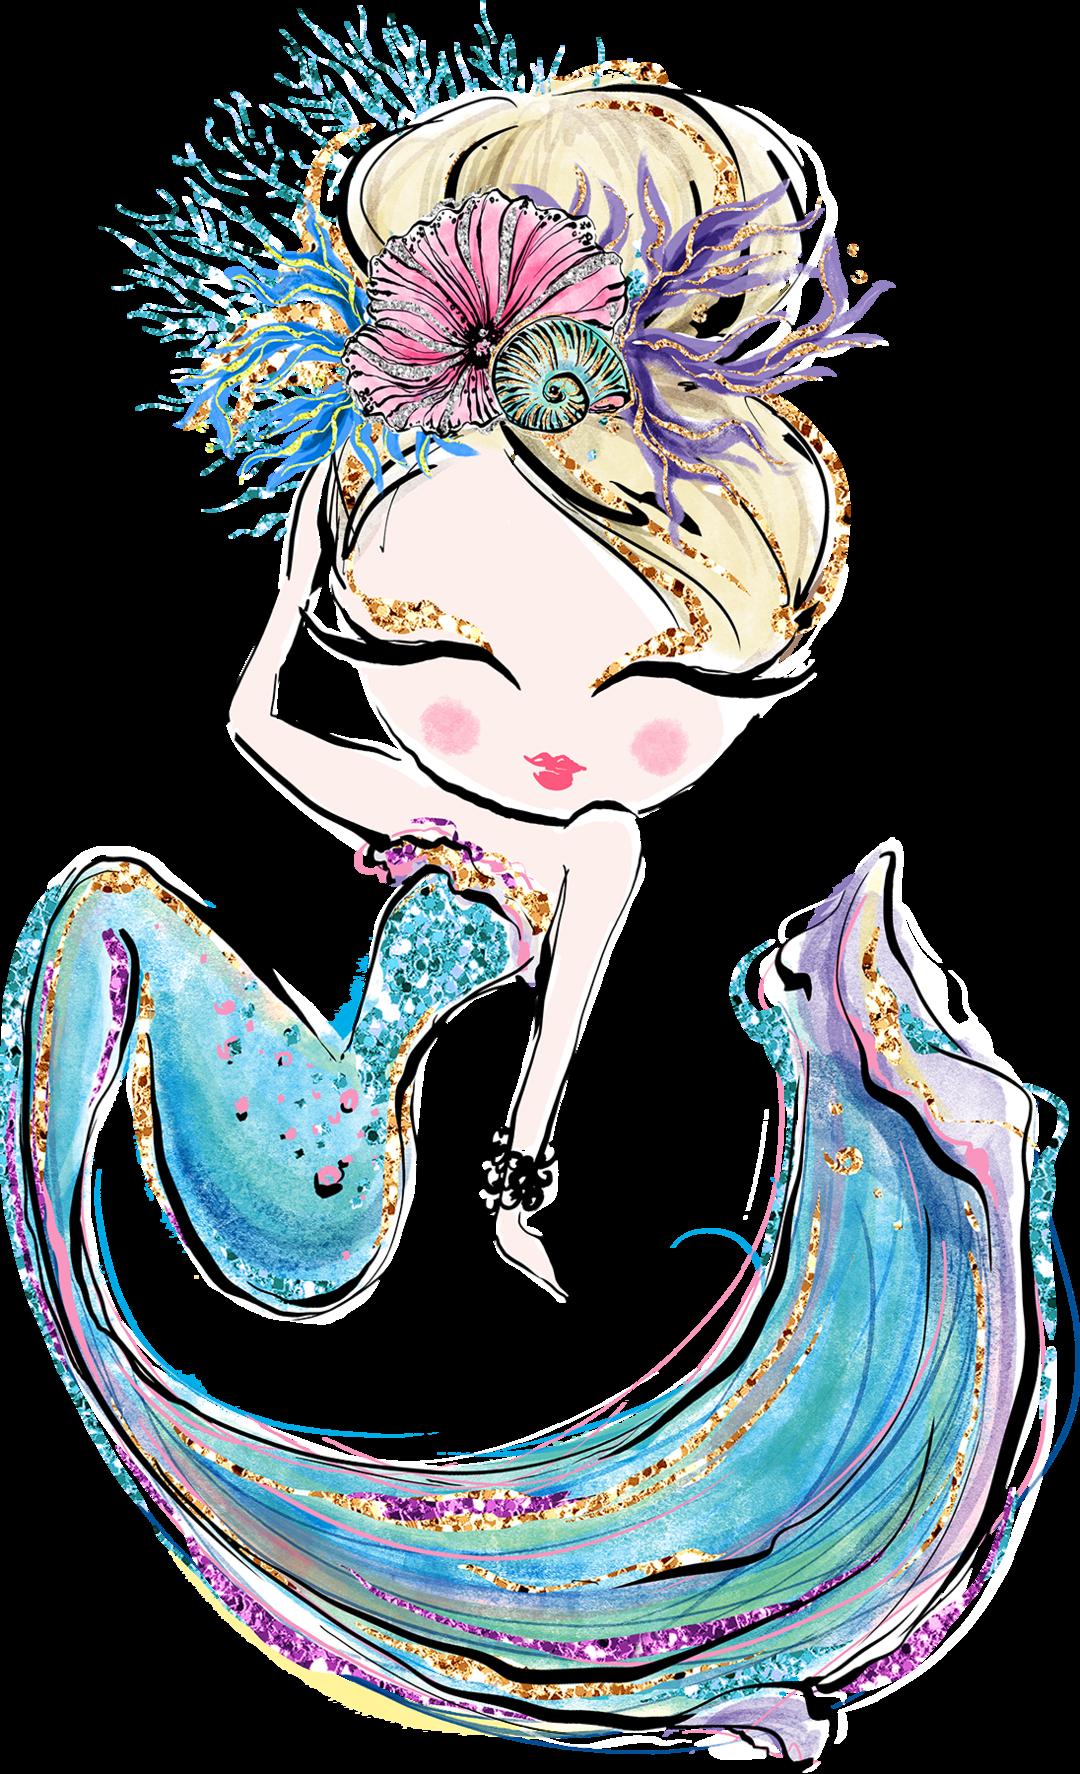 Adeline Mermaid Rogue Wanderer Co Mermaid Artwork Mermaid Drawings Mermaid Wallpapers